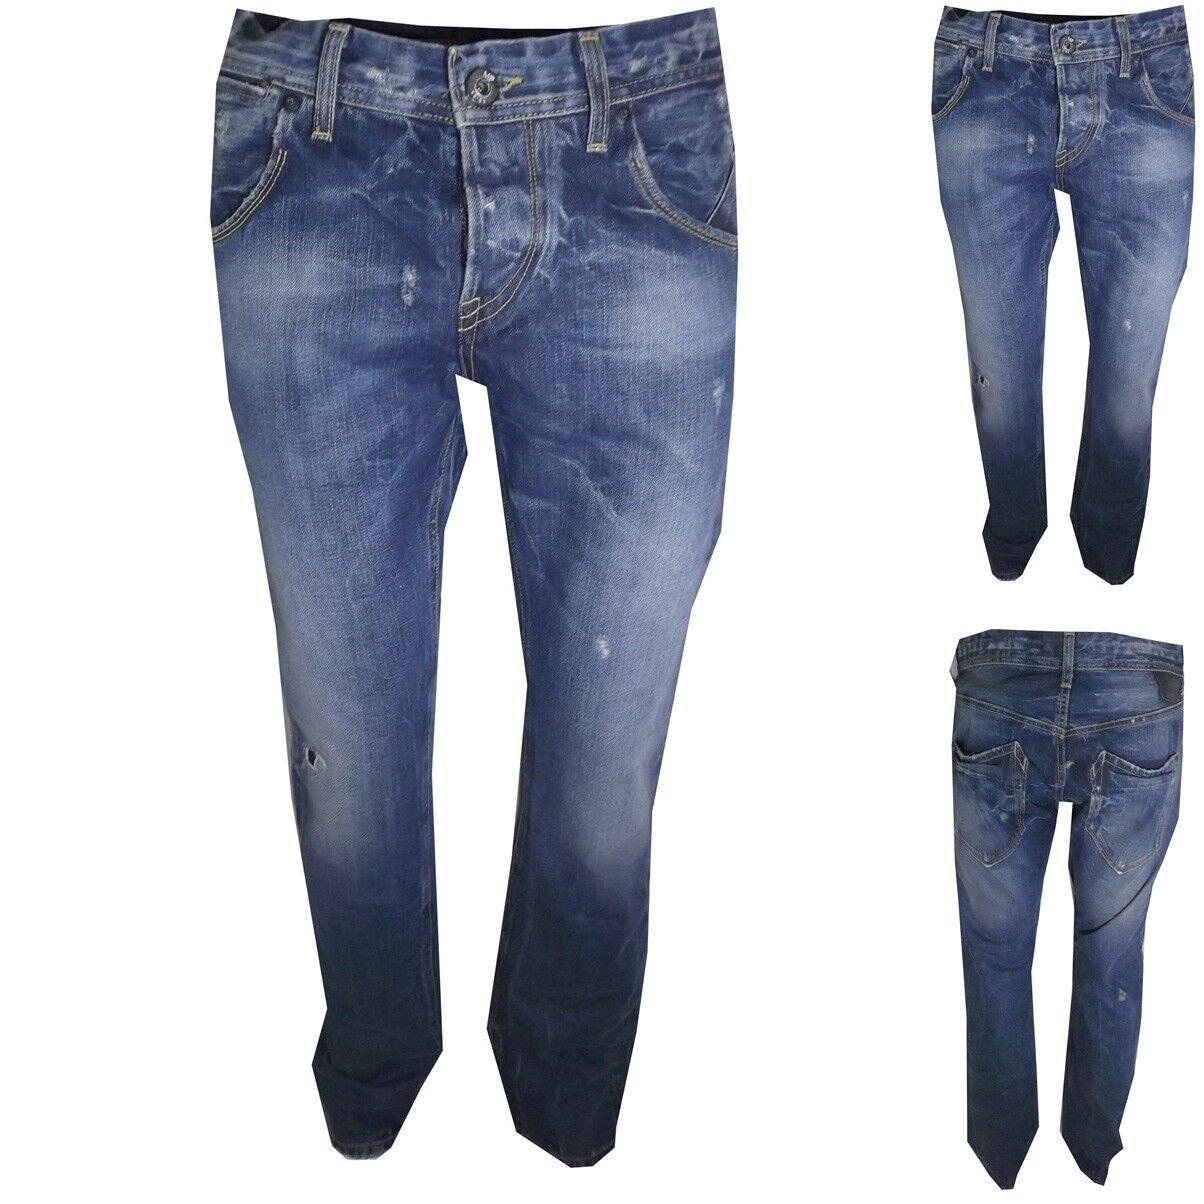 Meltin'pot jeans uomo manolo strappato stright fit diritto svasato taglia W33L34